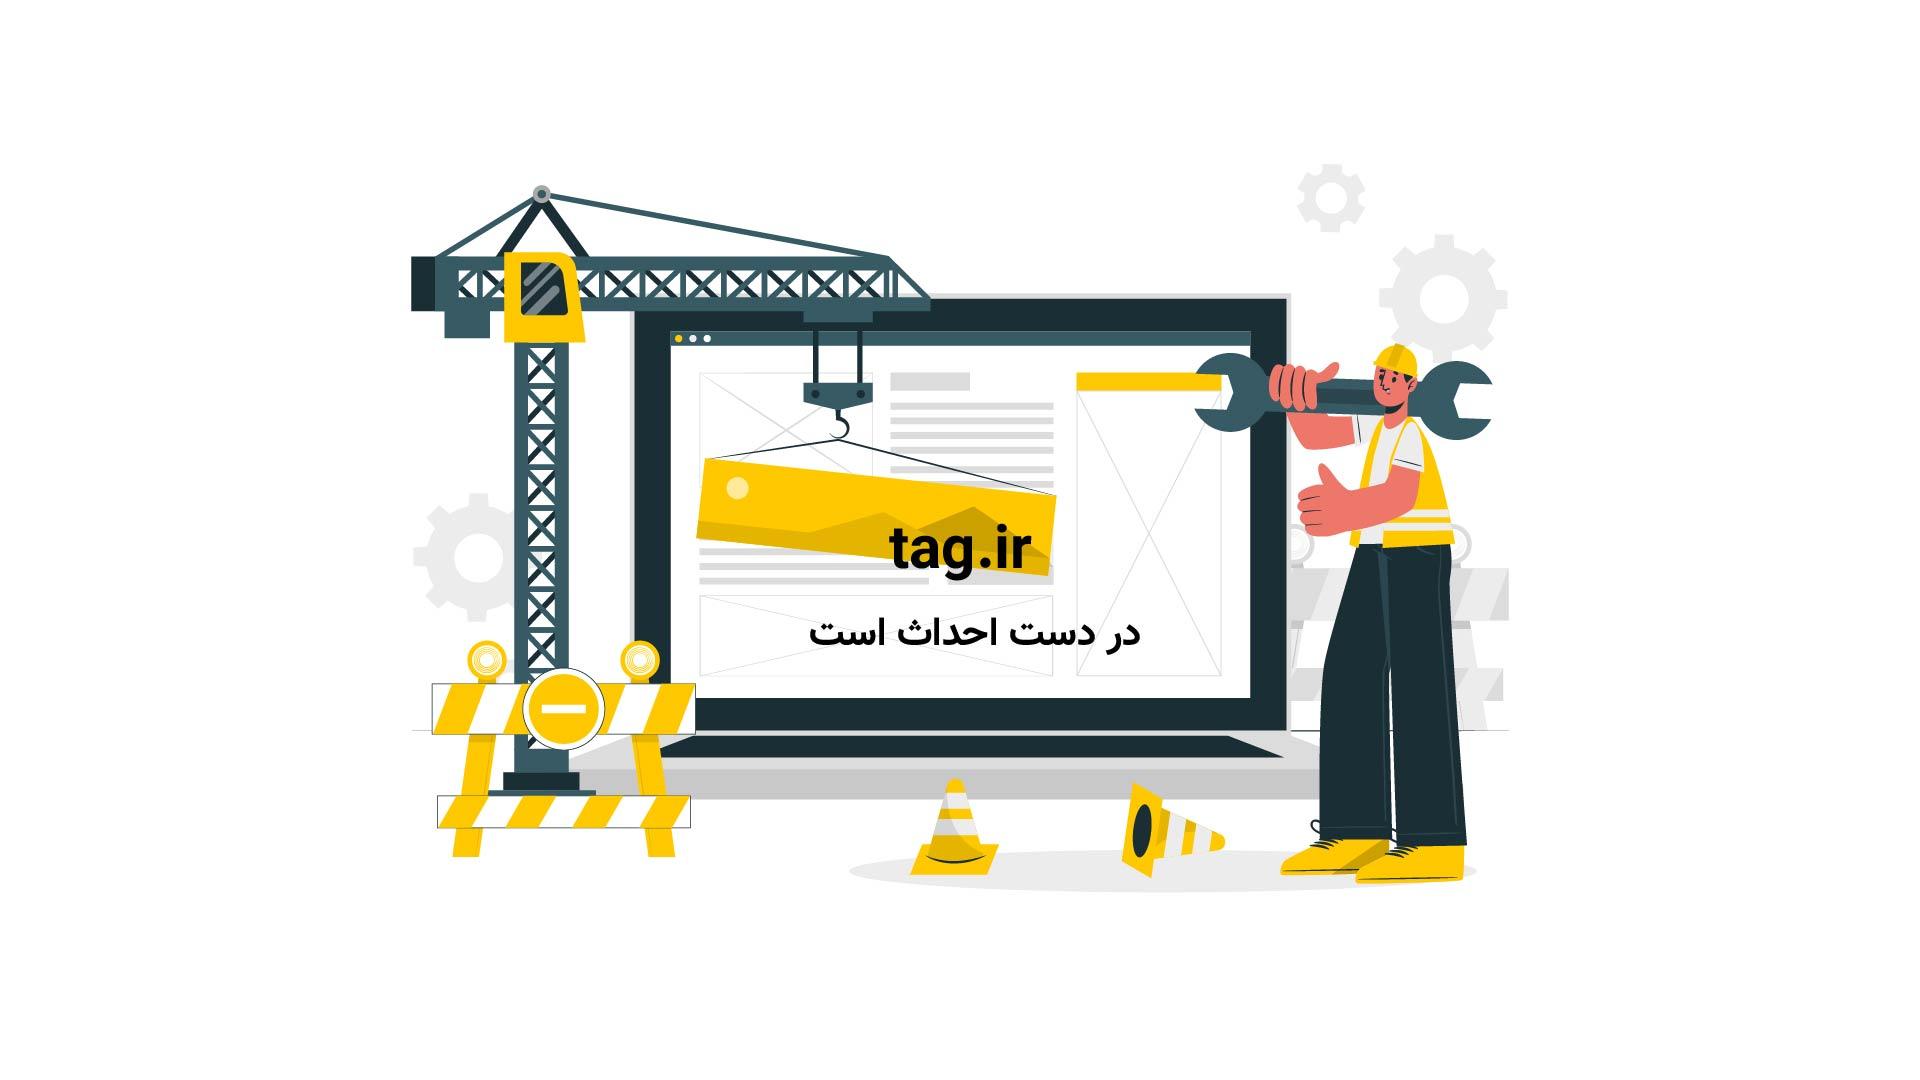 فیلم متلاشی شدن کامیون روی ریل قطار در چند ثانیه و زنده ماندن راننده